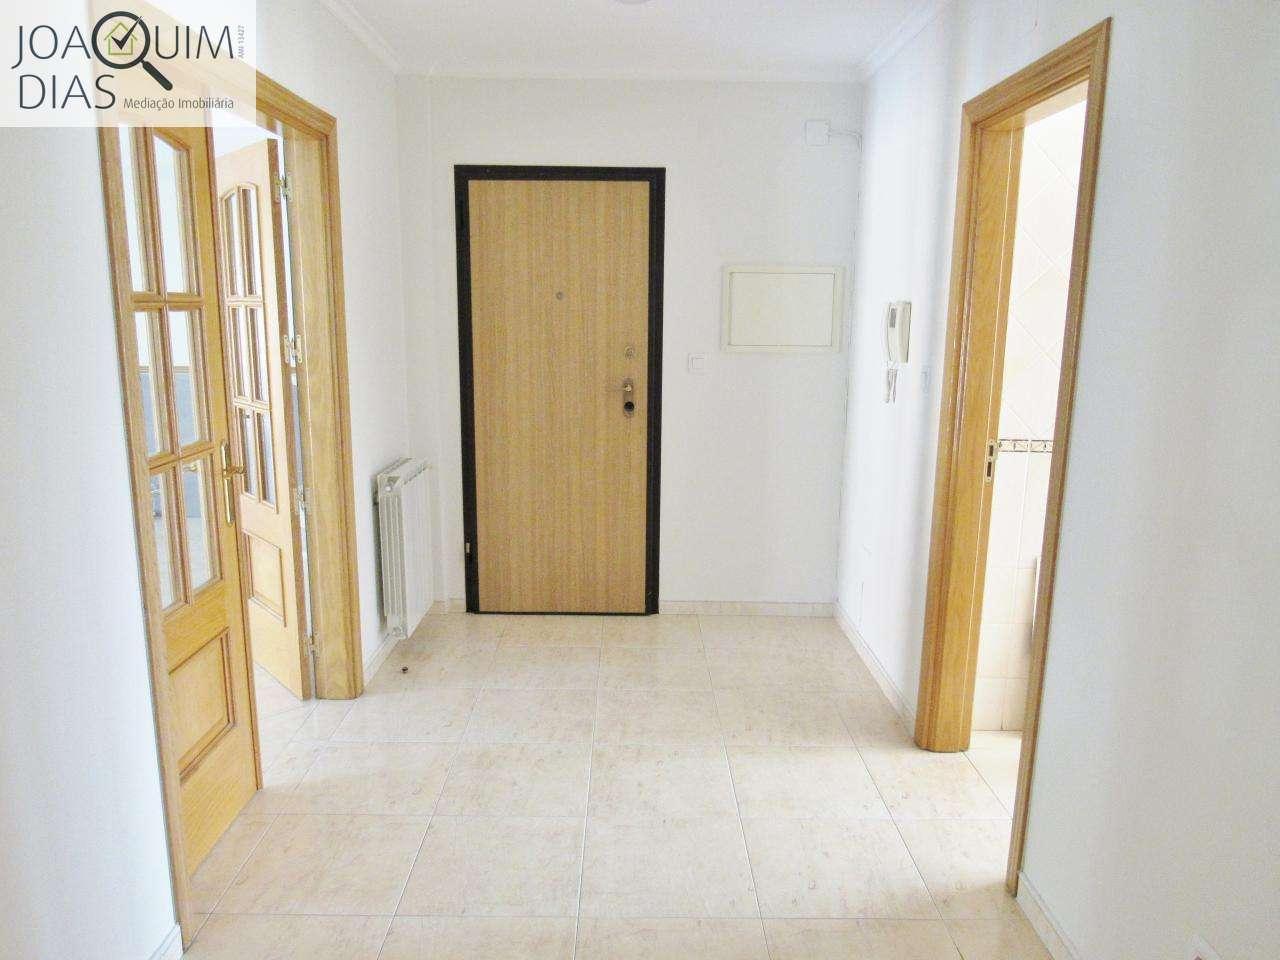 Apartamento para comprar, Malveira e São Miguel de Alcainça, Lisboa - Foto 11